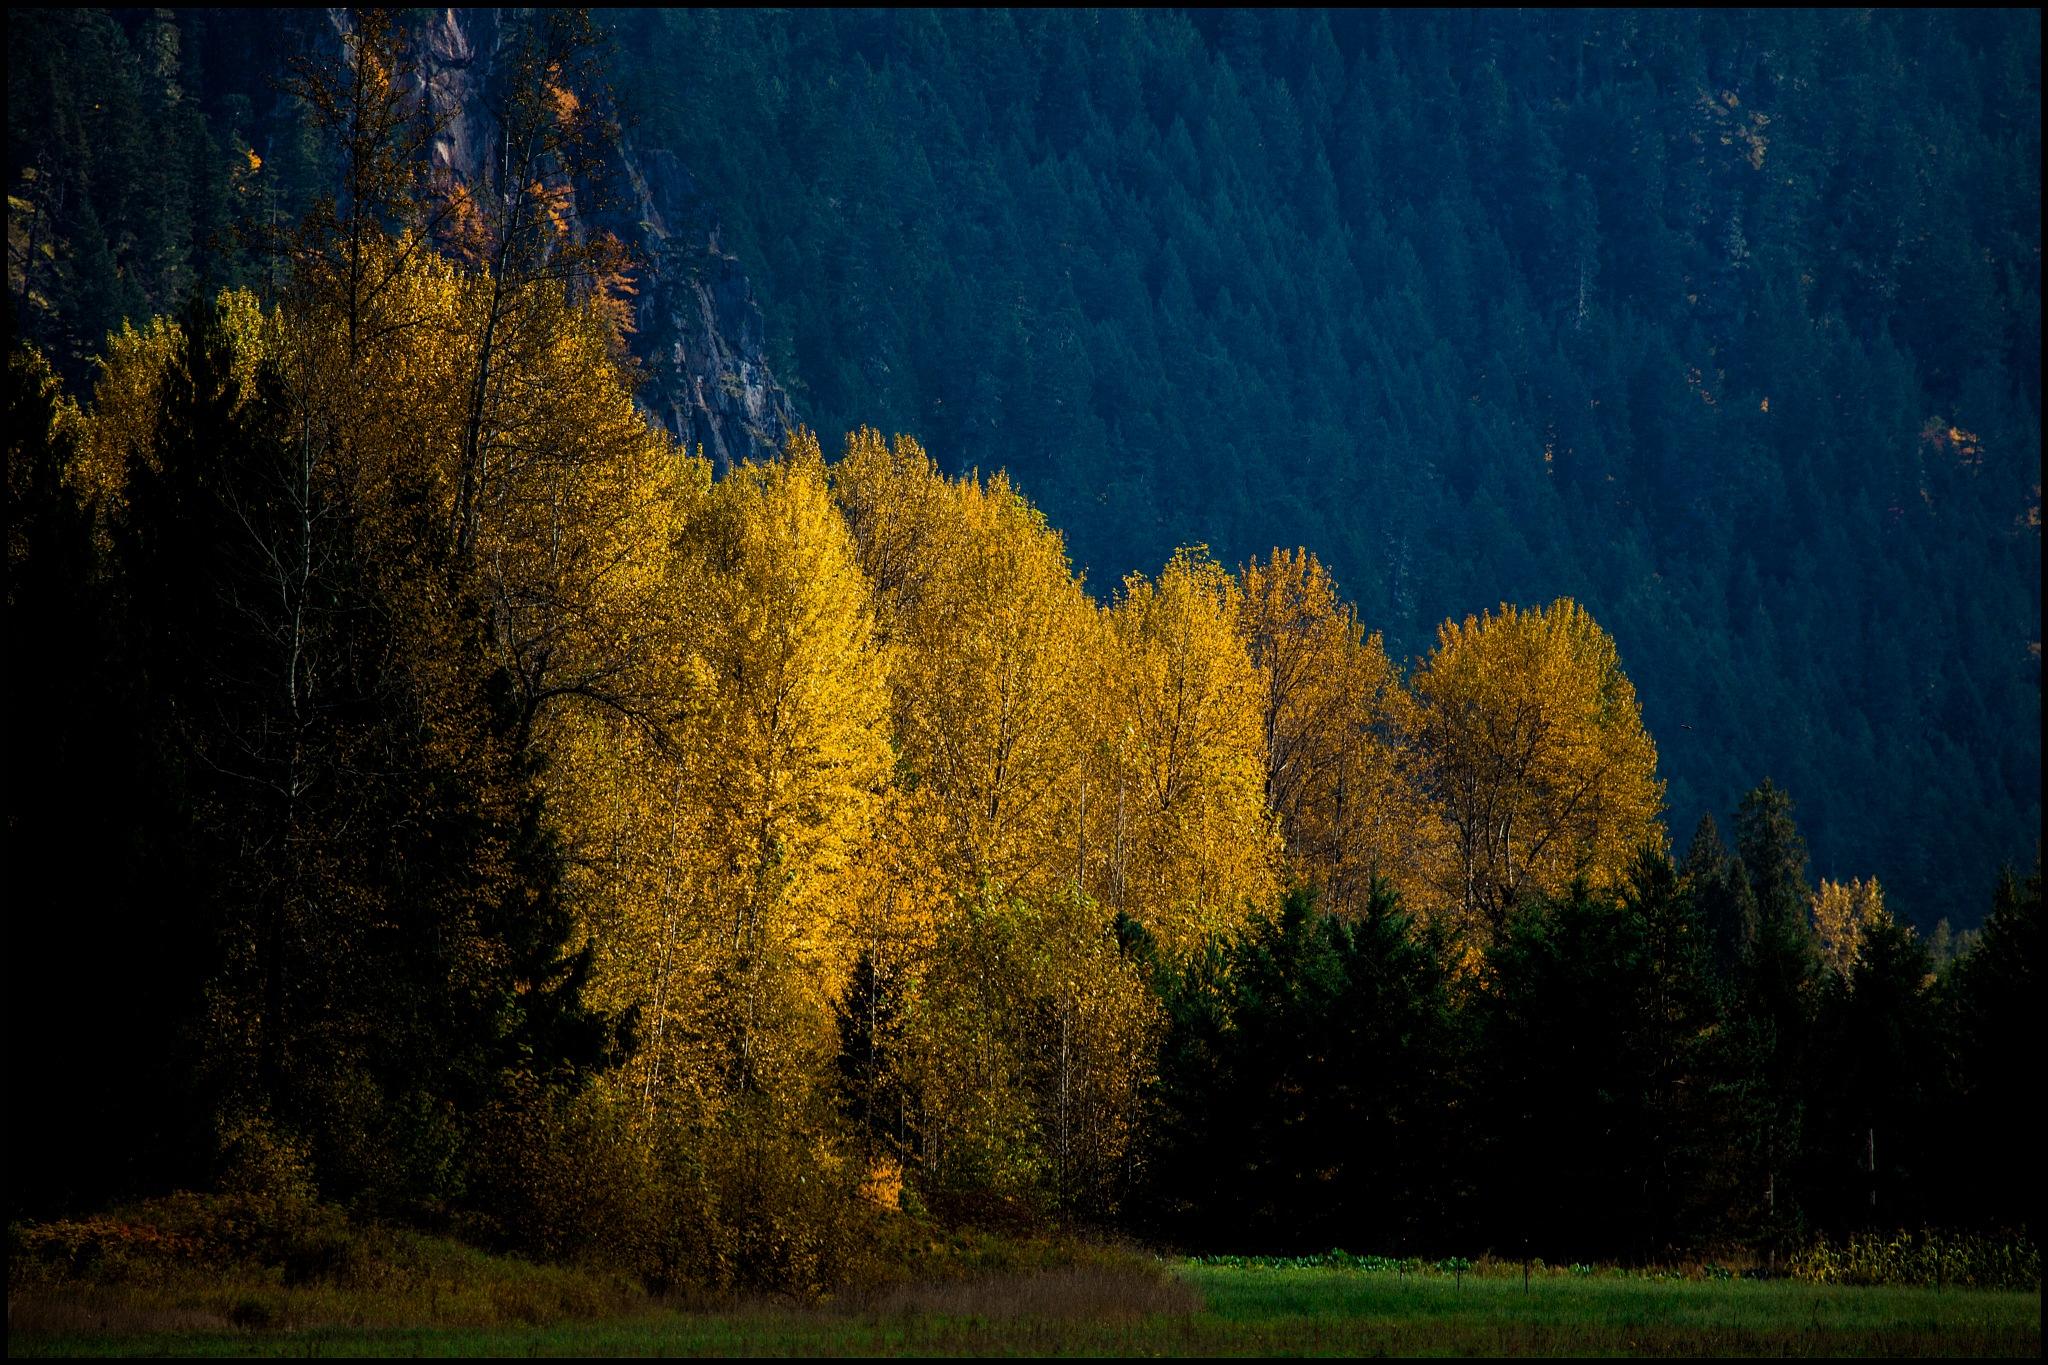 Fall in the Valley by Alwyn Kumst